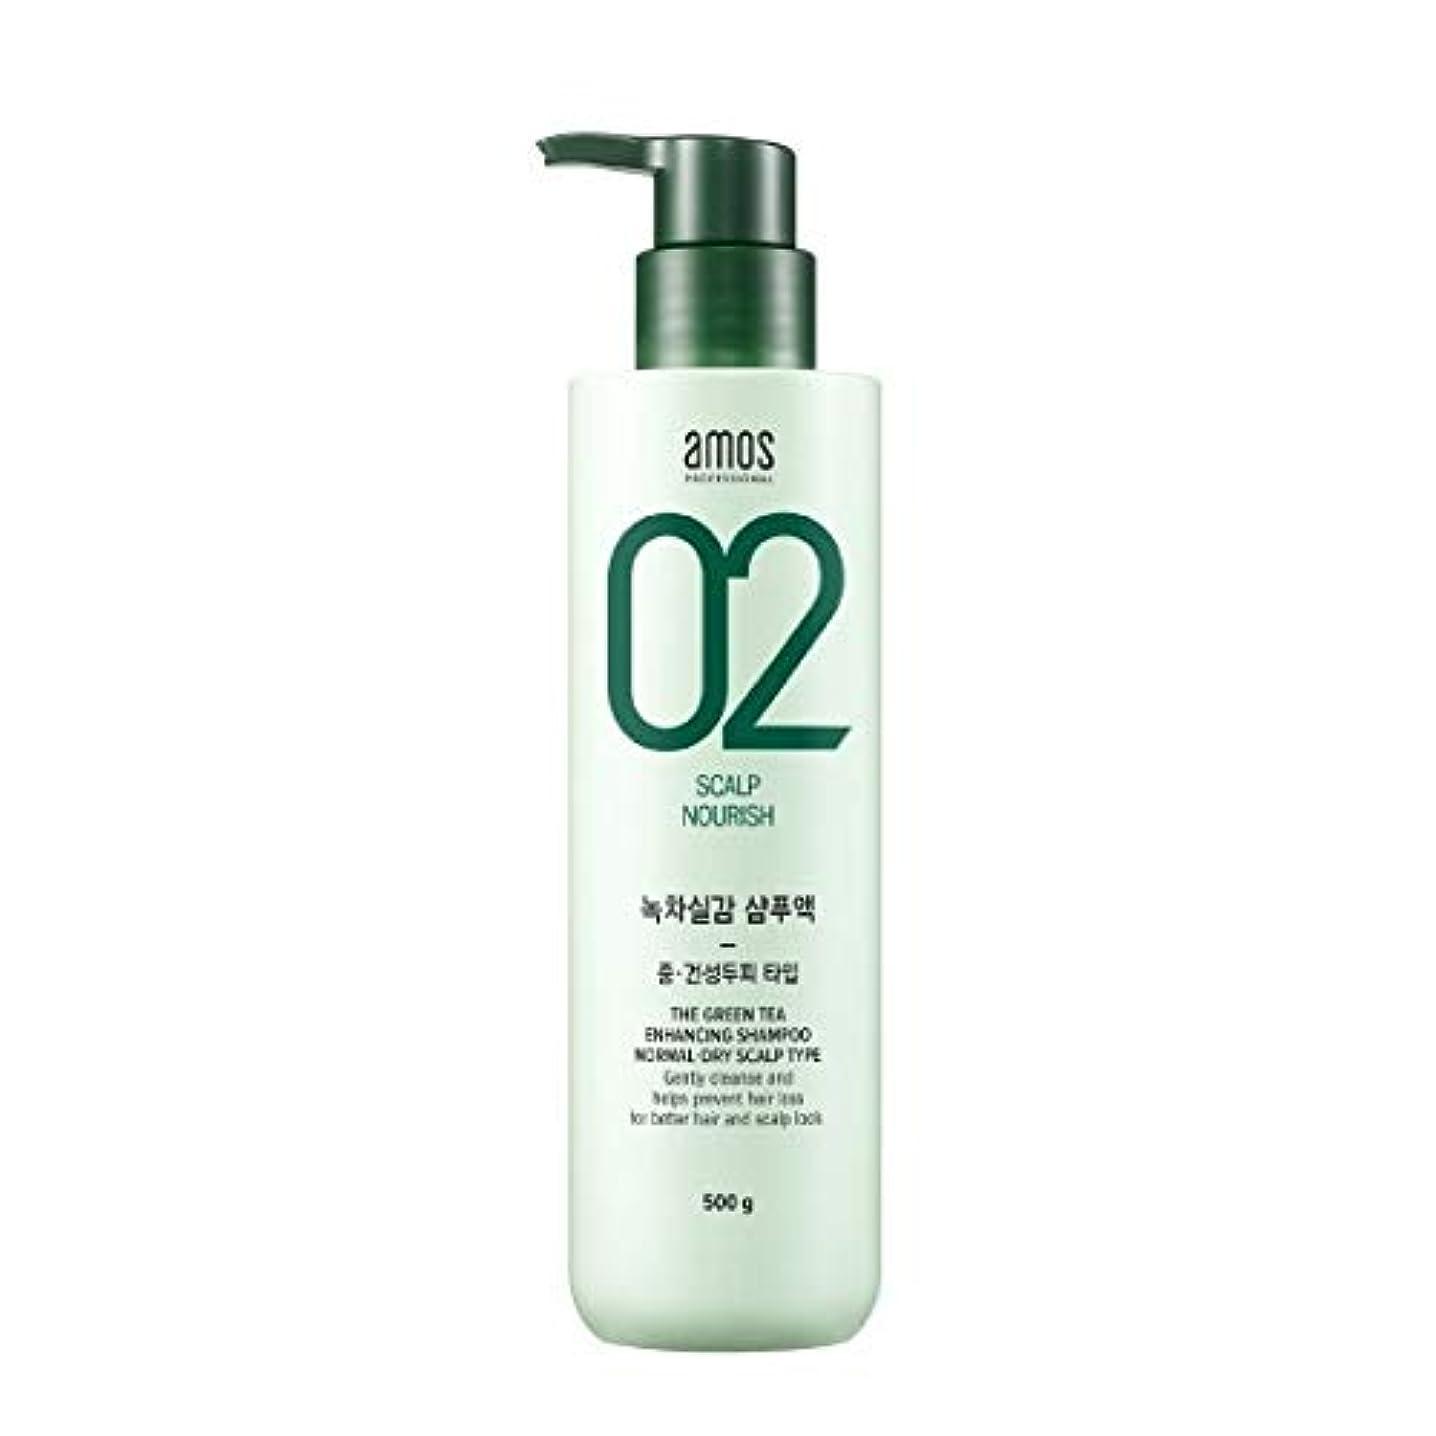 怖い場合絶え間ないAmos Green Tea Enhancing Shampoo - Normal, Dry 500g / アモス ザ グリーンティー エンハンシング シャンプー # ノーマルドライ スカルプタイプ [並行輸入品]